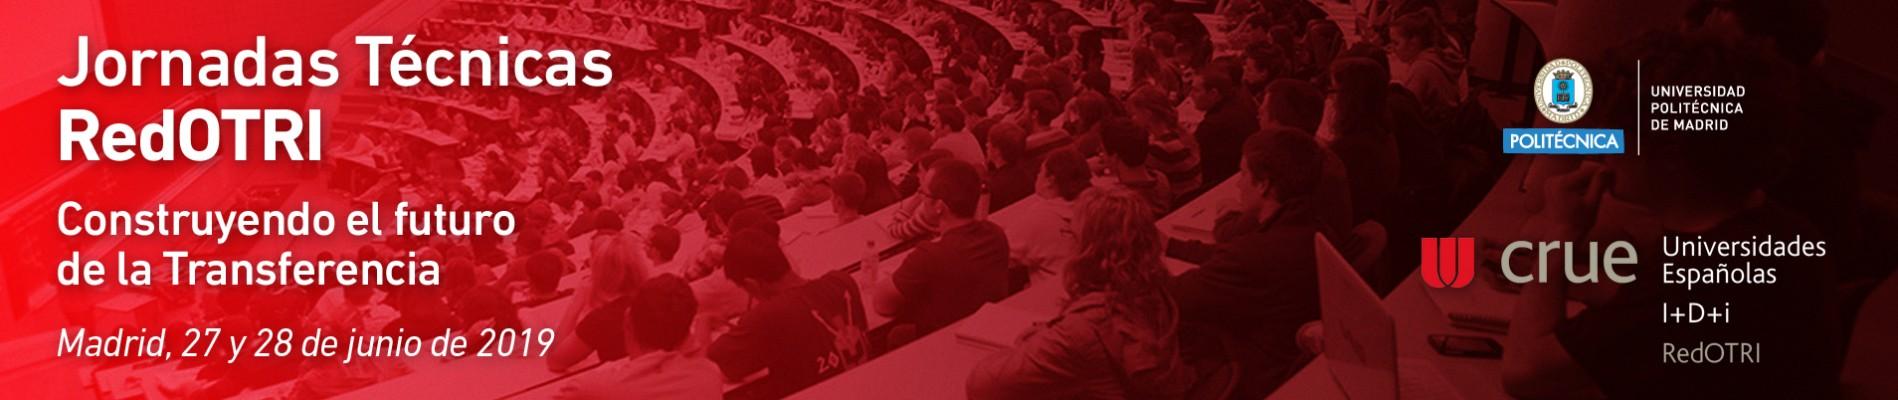 Jornadas Técnicas RedOTRI 27 y 28 de Junio en Madrid